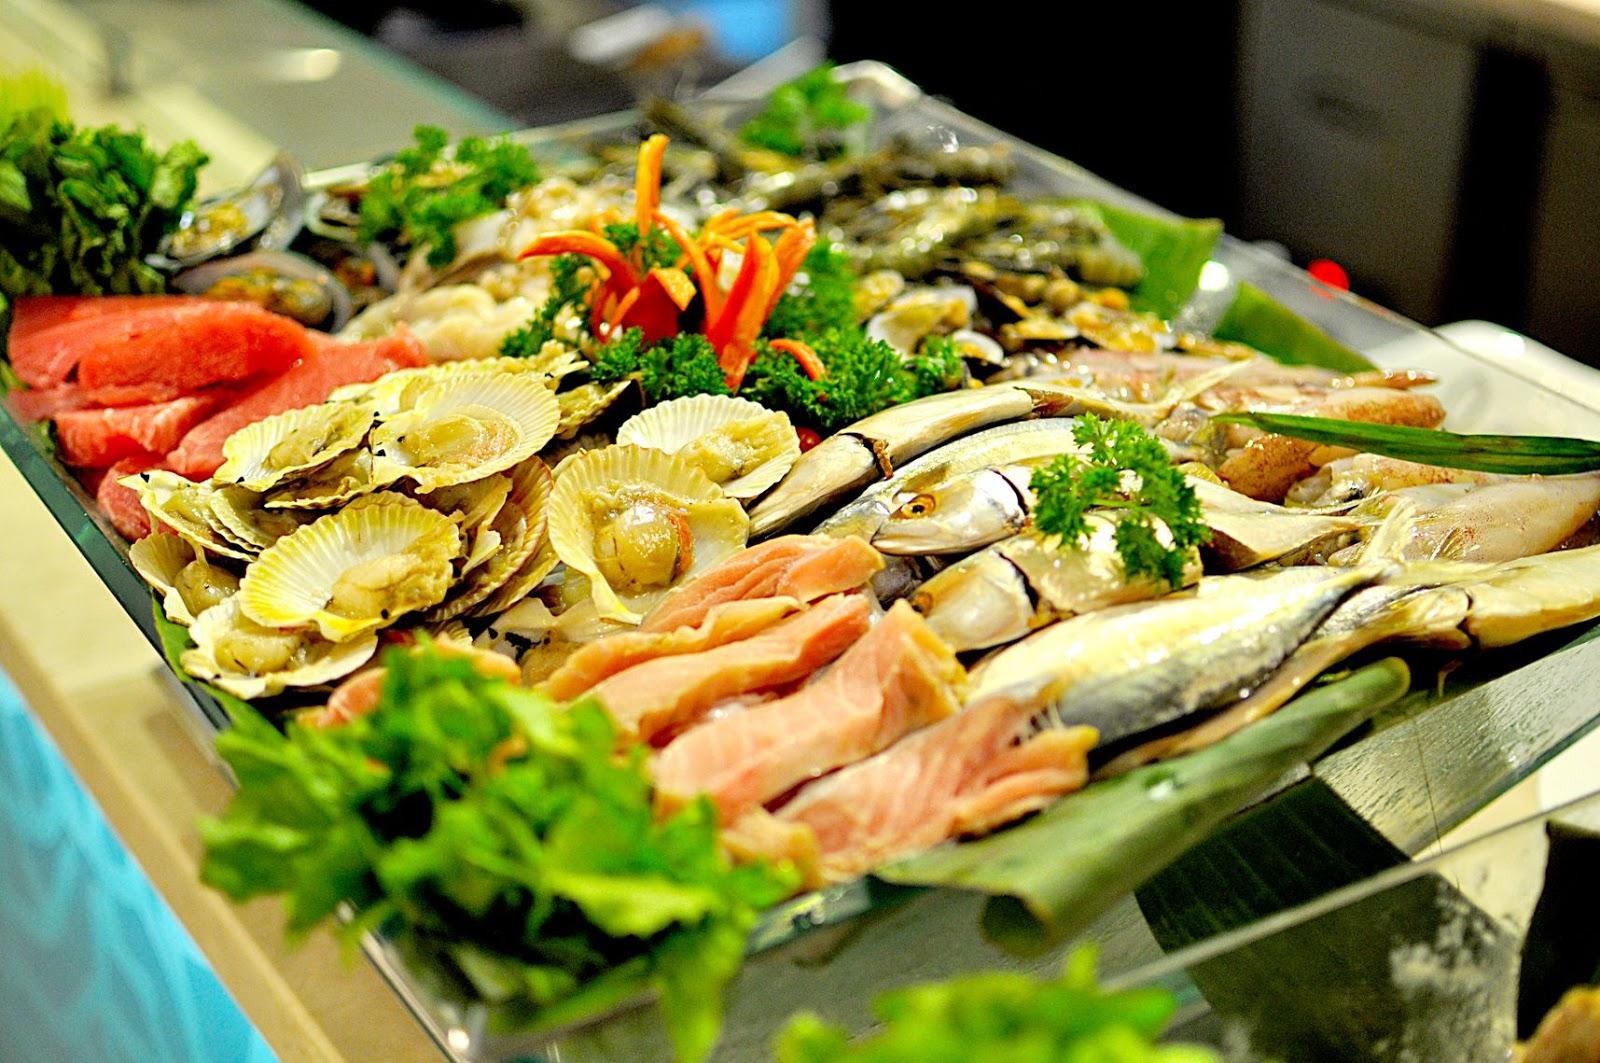 Các quán hải sản ở khu Bờ Kè thì sang chảnh đẹp nhưng đắt lòi mắt nên các gia đình nên tránh